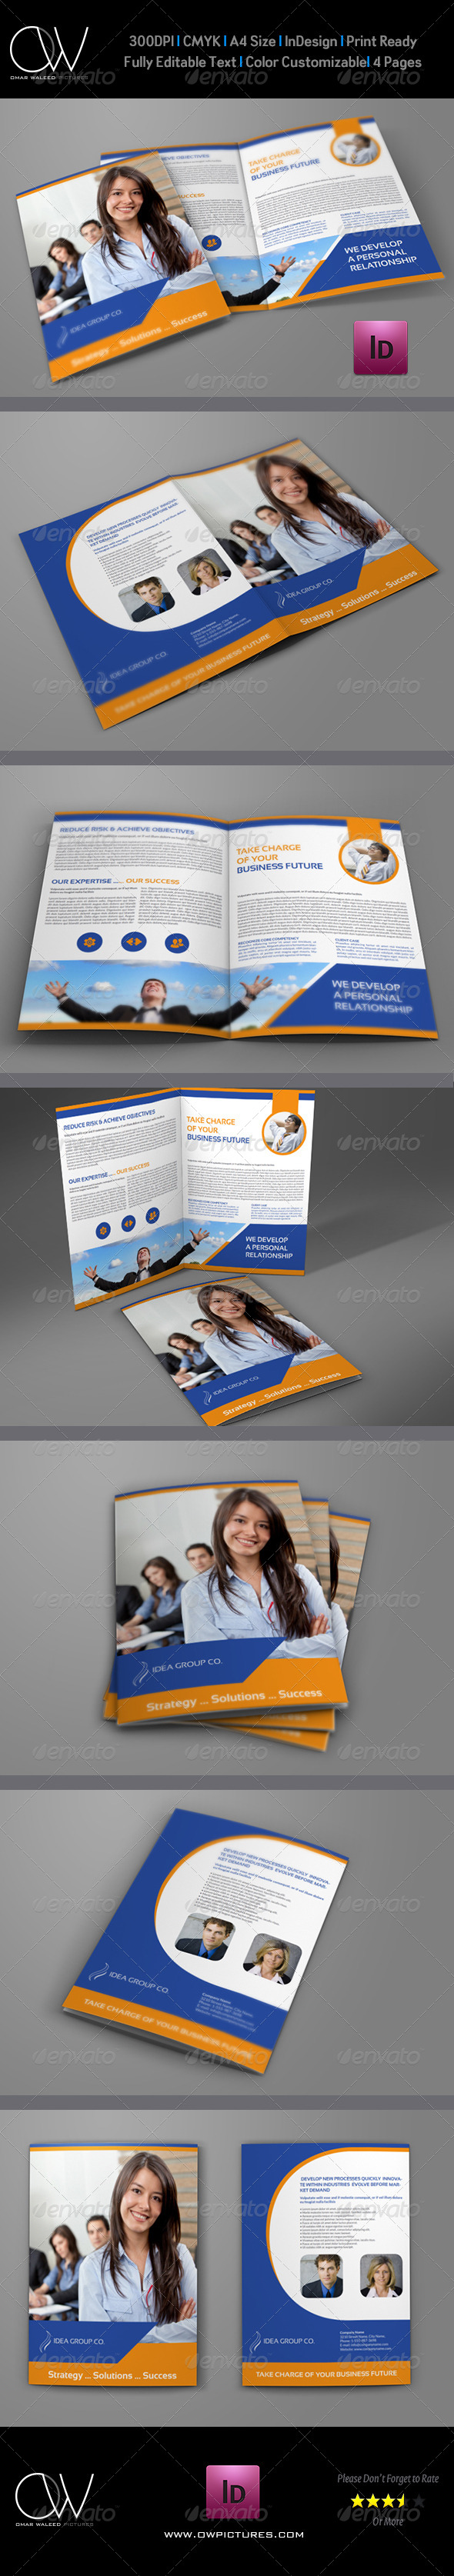 GraphicRiver Company Brochure Bi-Fold Template Vol.27 7645511